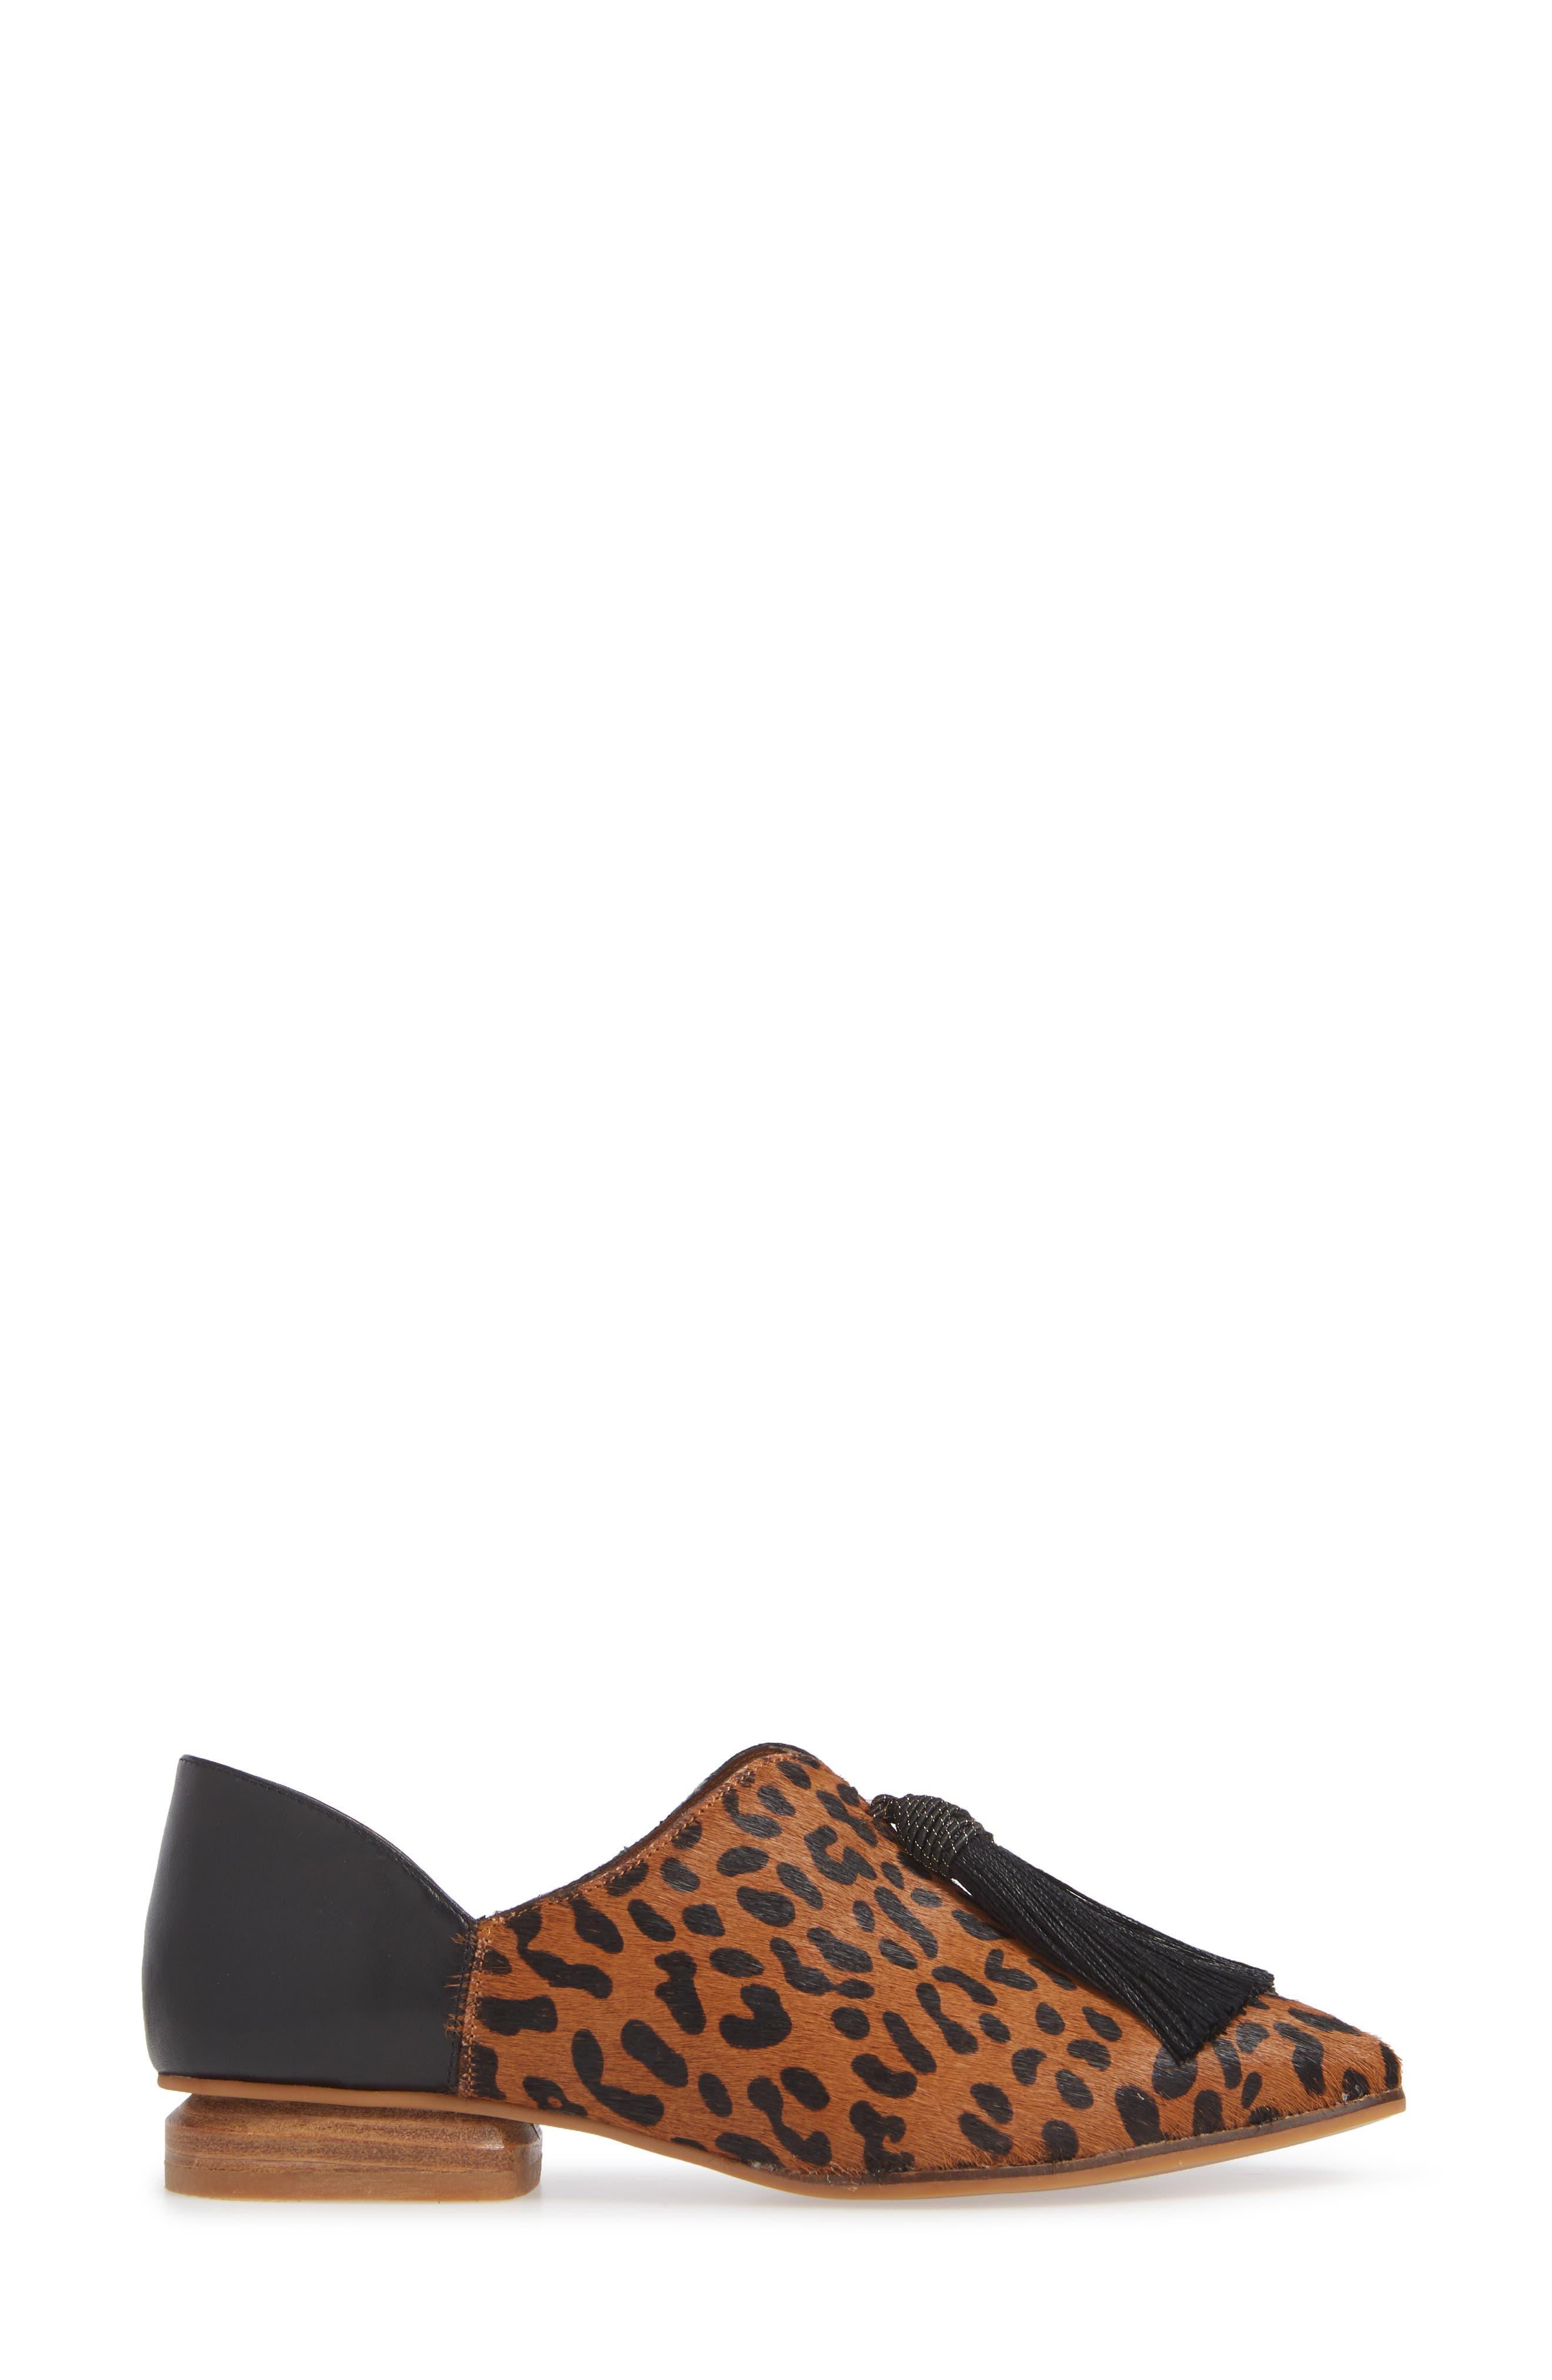 SBICCA,                             Primwood Tassel Loafer,                             Alternate thumbnail 3, color,                             BLACK LEOPARD LEATHER